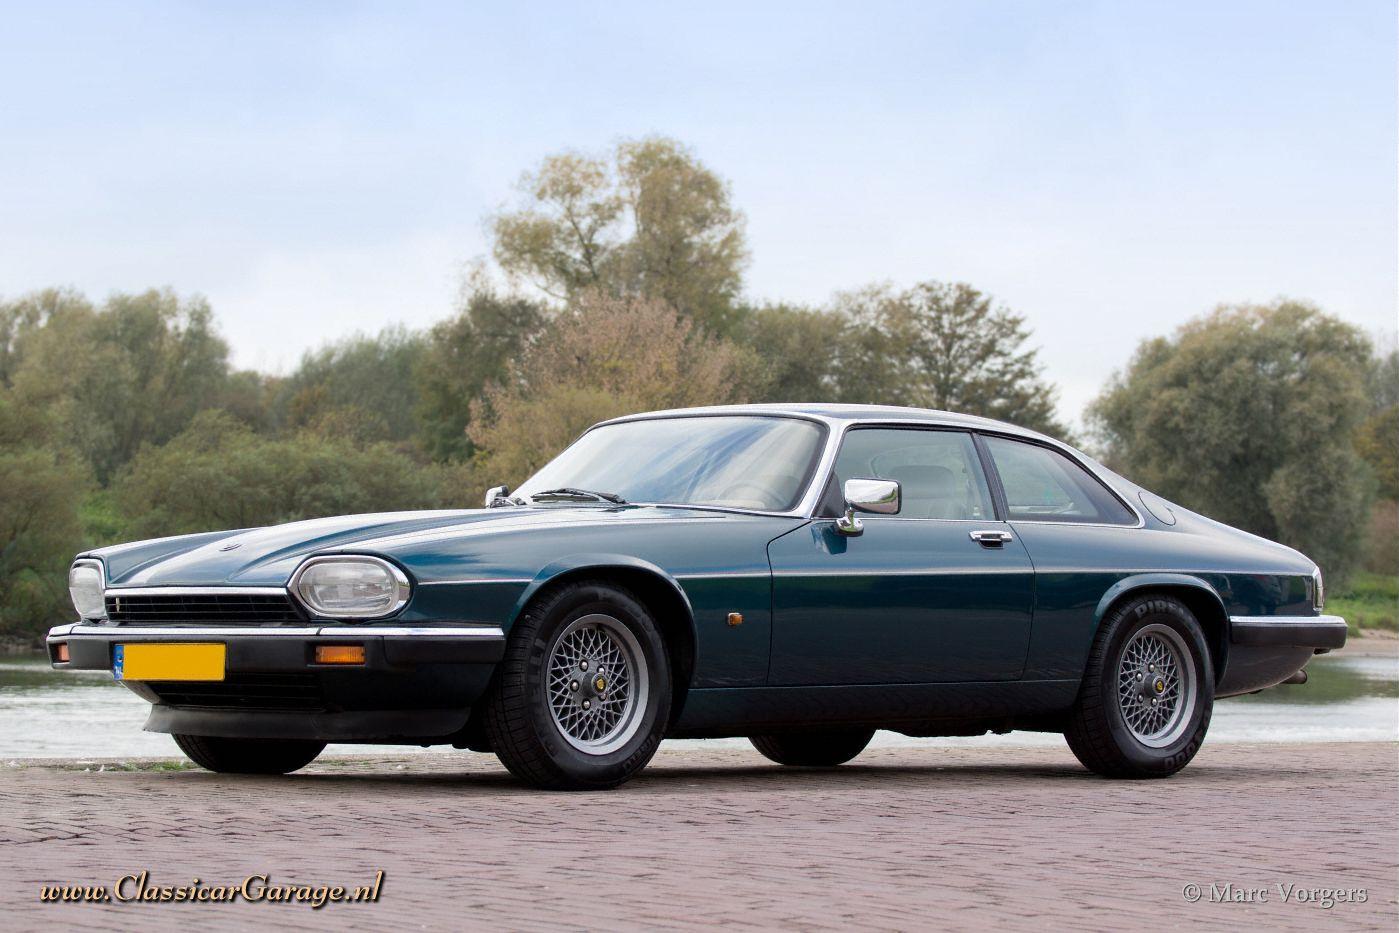 Jaguar Xjs 4 0 Litre Coupe 1992 Details